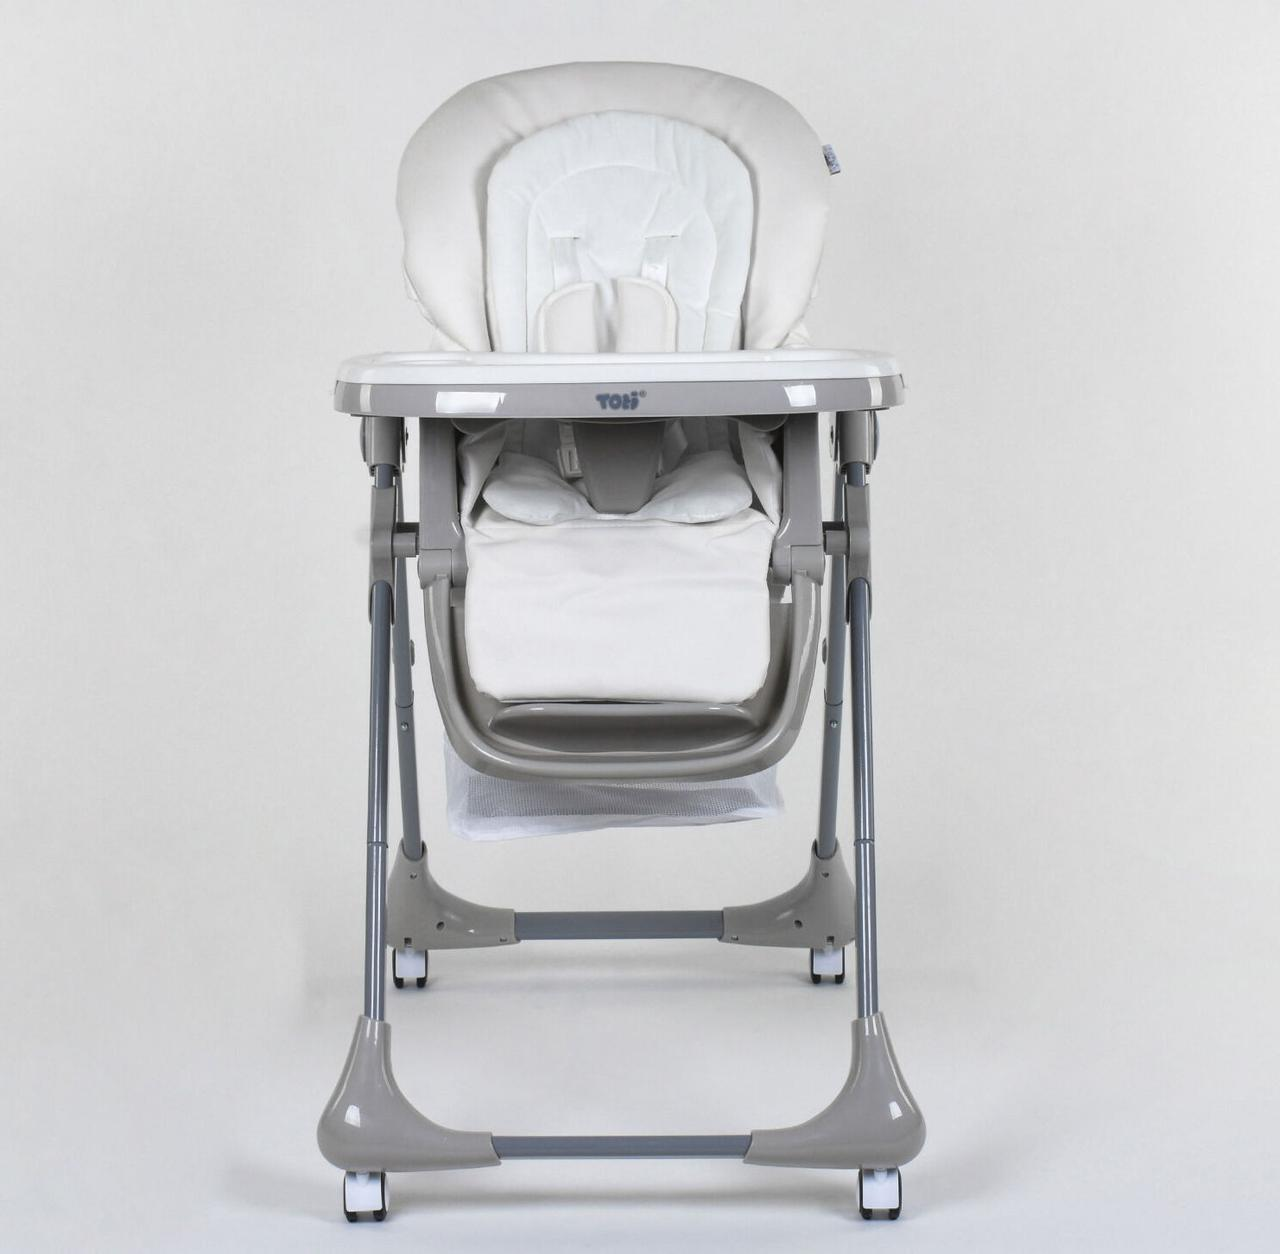 Стульчик для кормления Toti CB-4018 (1) мягкий PU, мягкий вкладыш, 4 колеса, съемный столик, в коробке